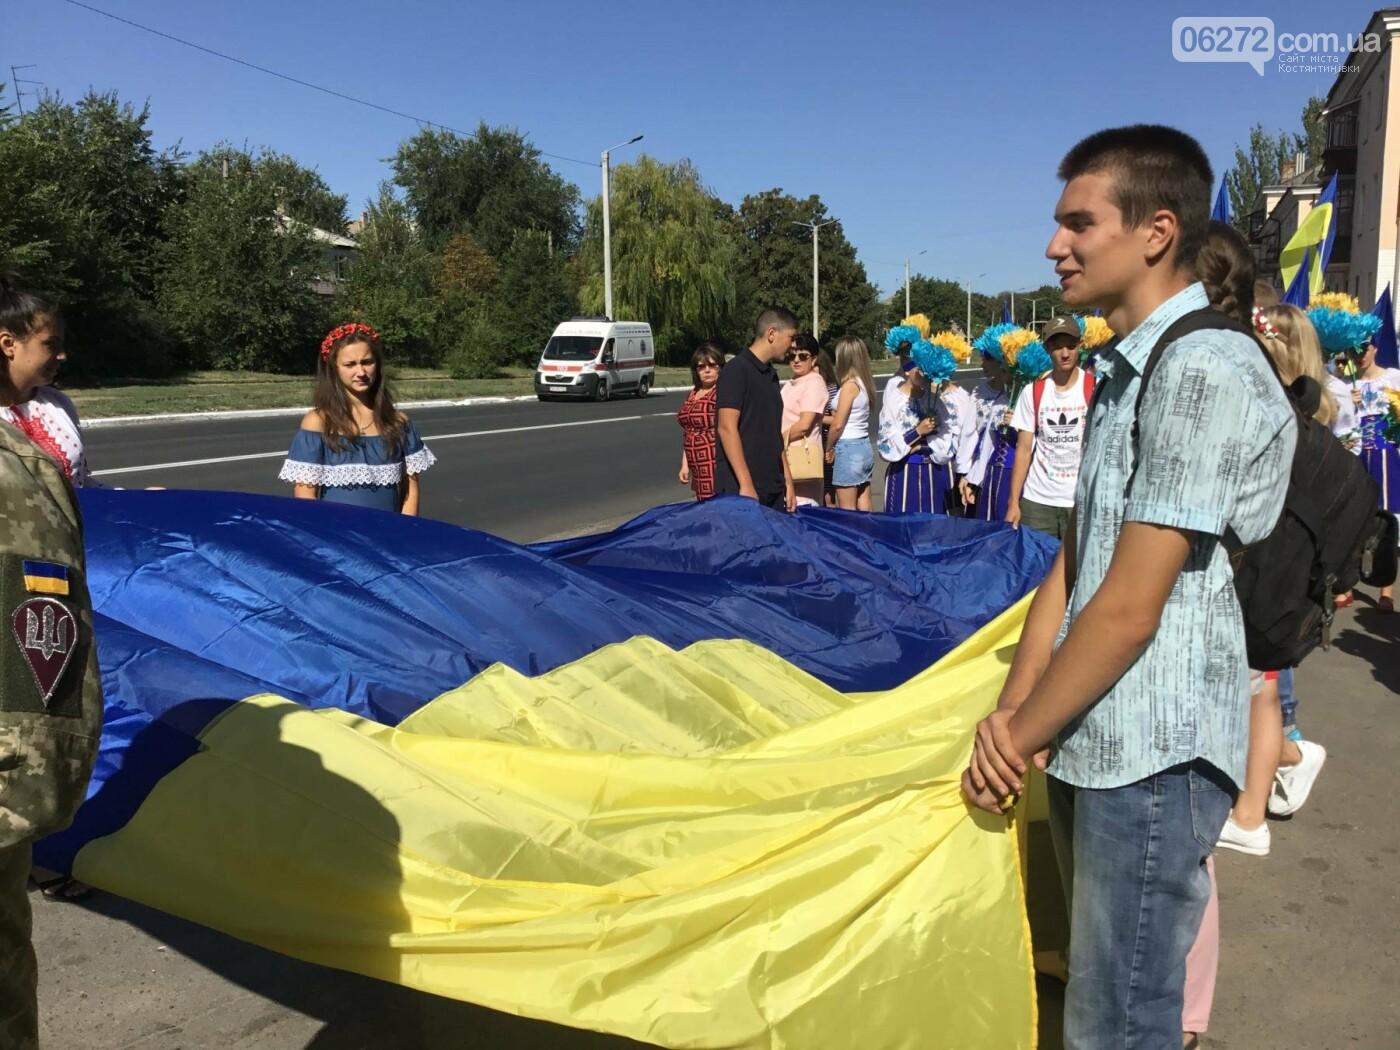 Святкова хода у Костянтинівці під гаслом «Заради миру», фото-4